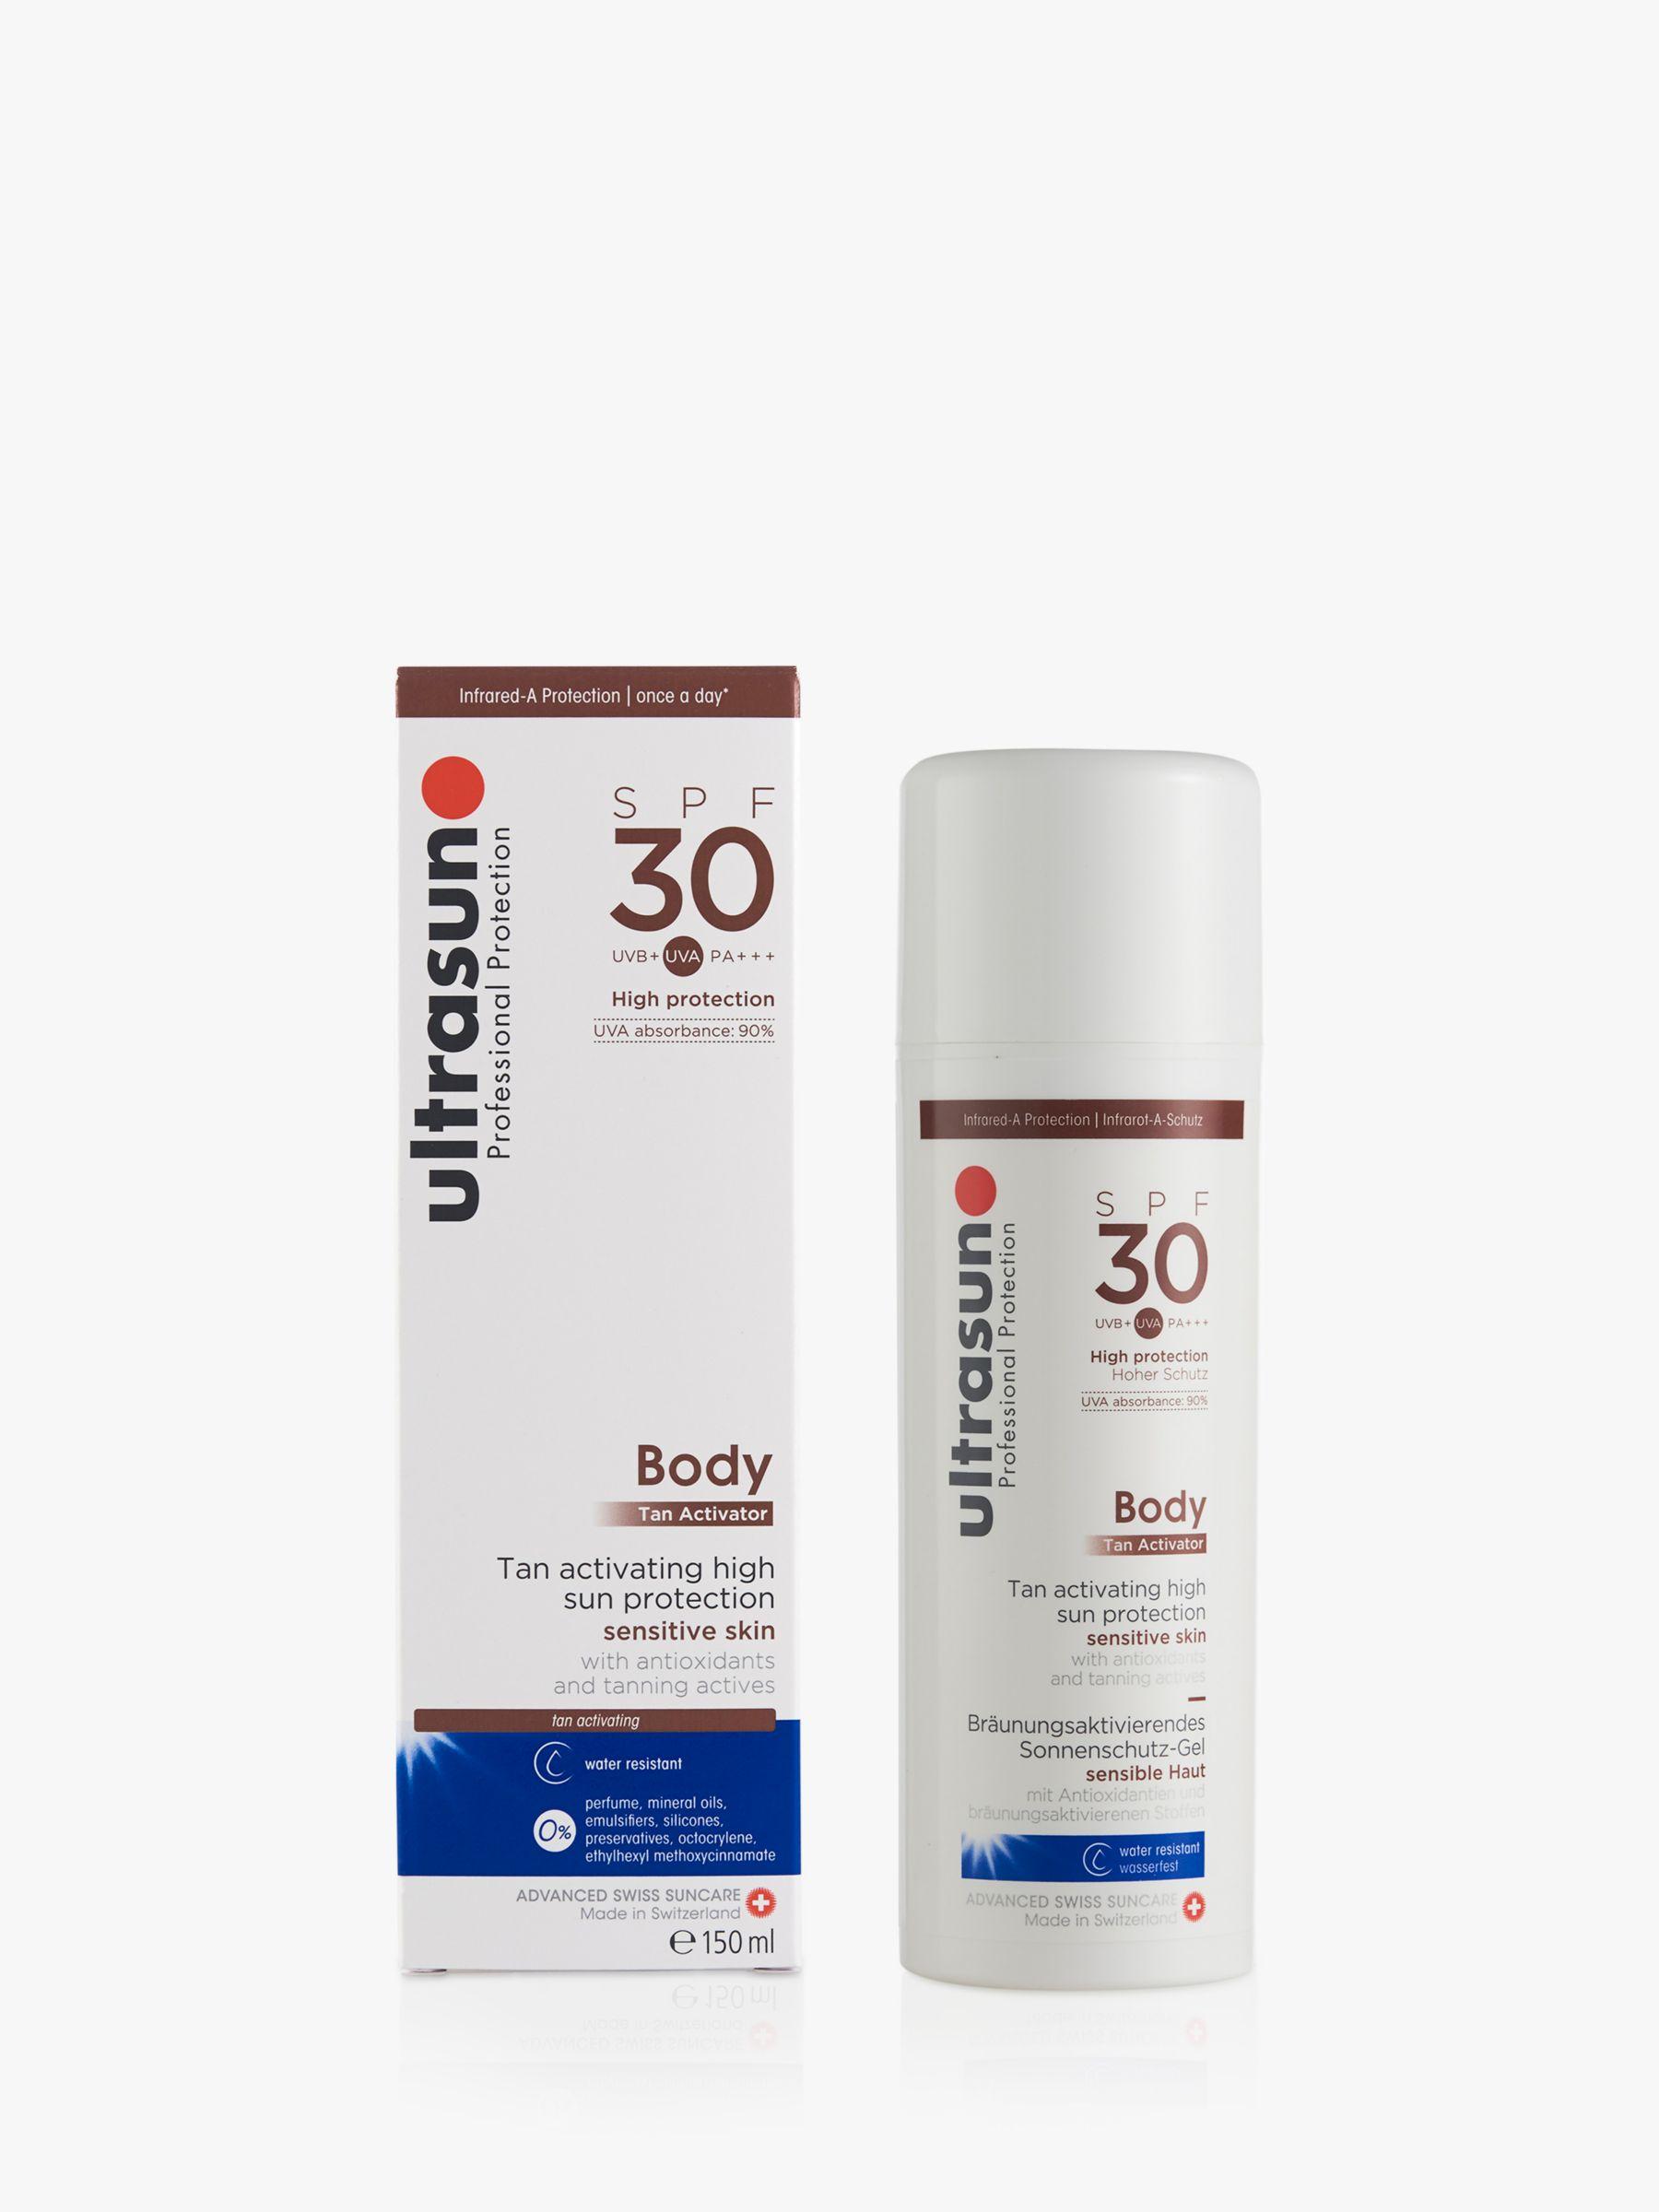 Ultrasun Ultrasun SPF 30 Body Tan Activator, 150ml